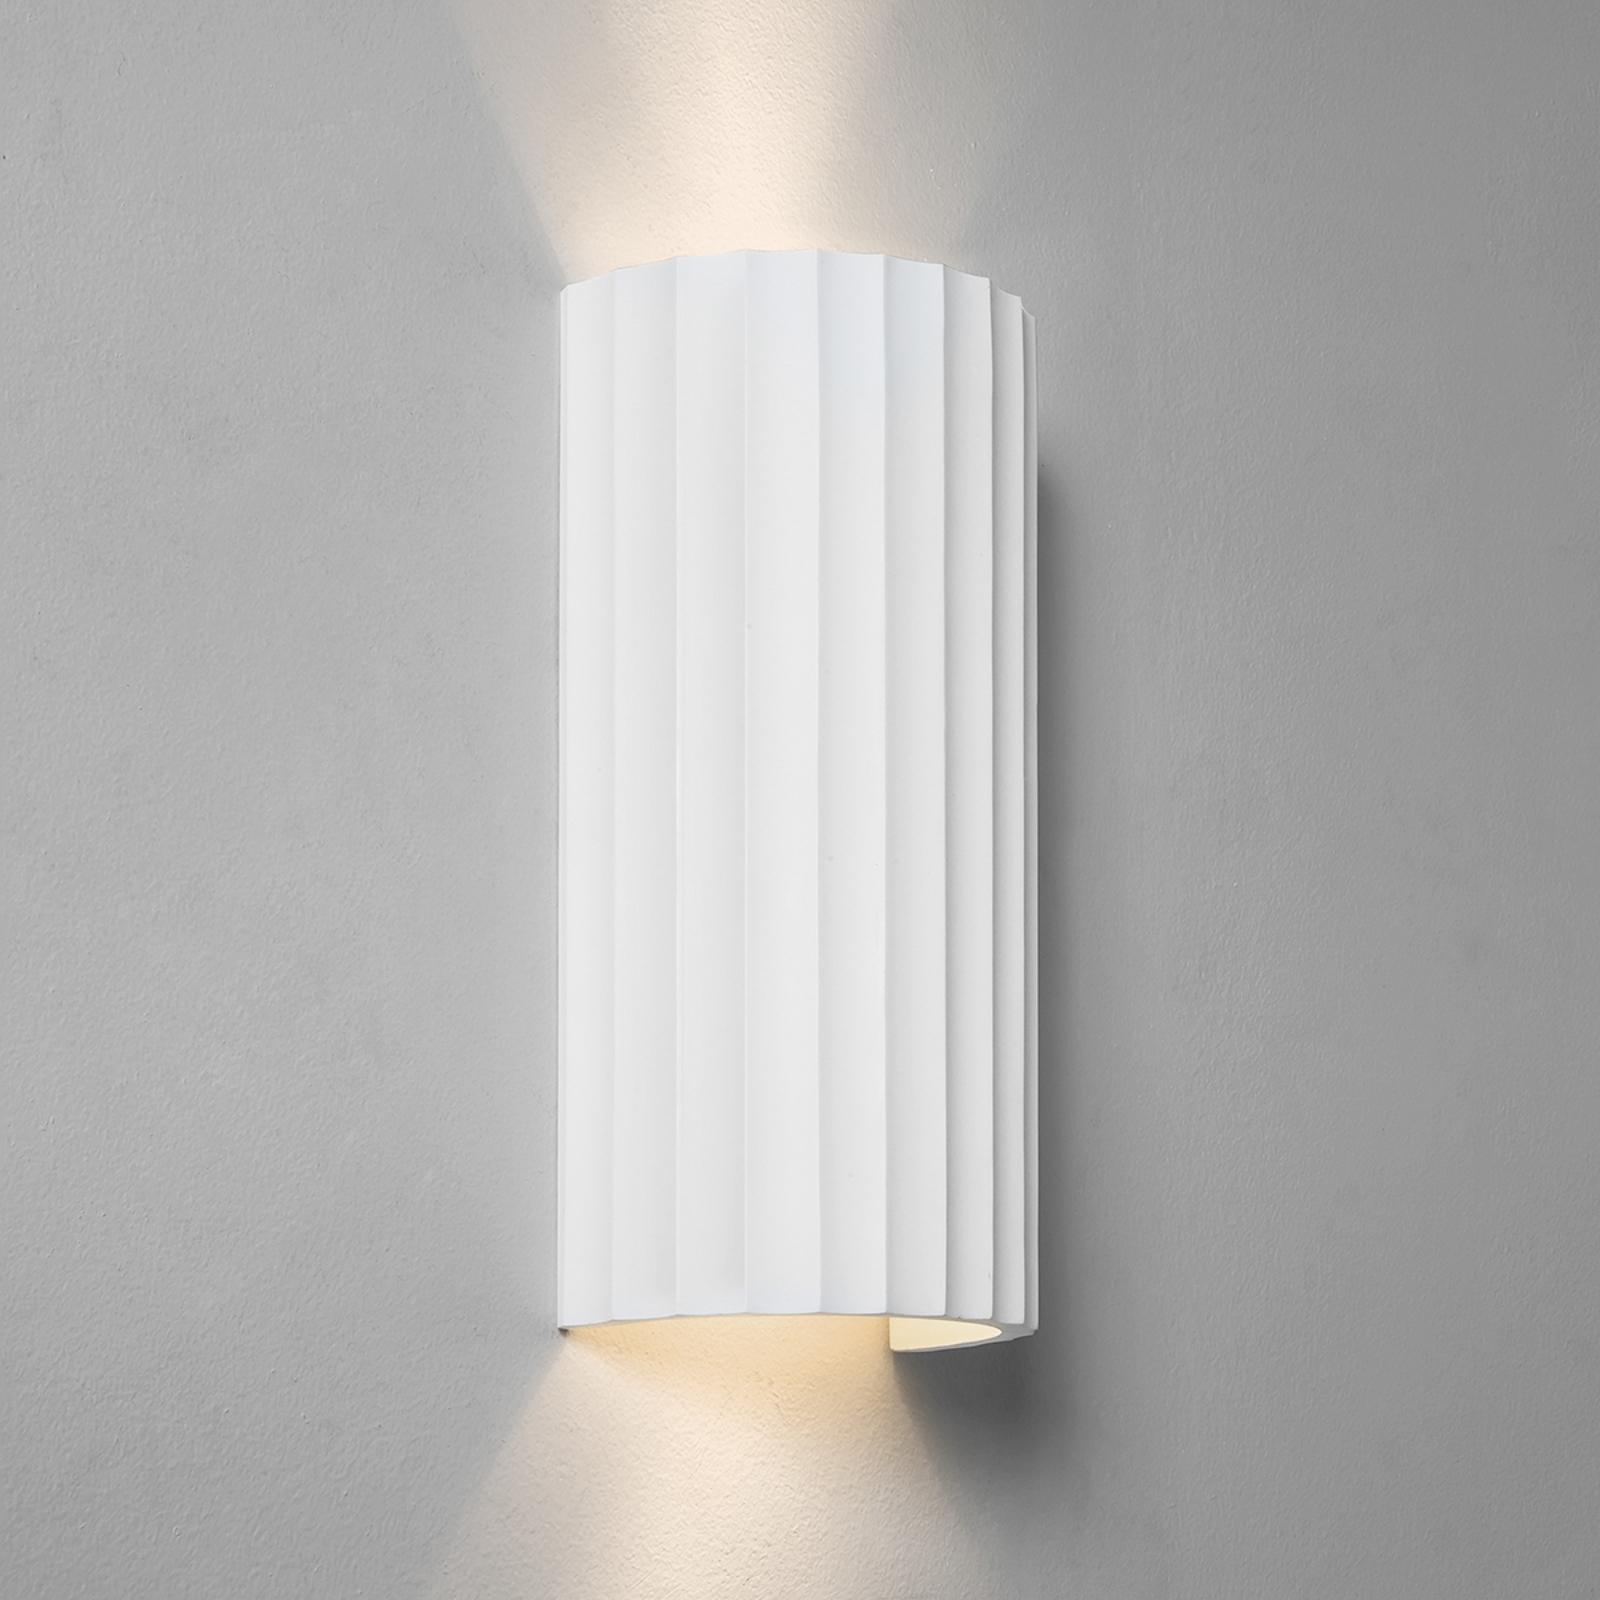 Gipsvæglampe Kymi 300